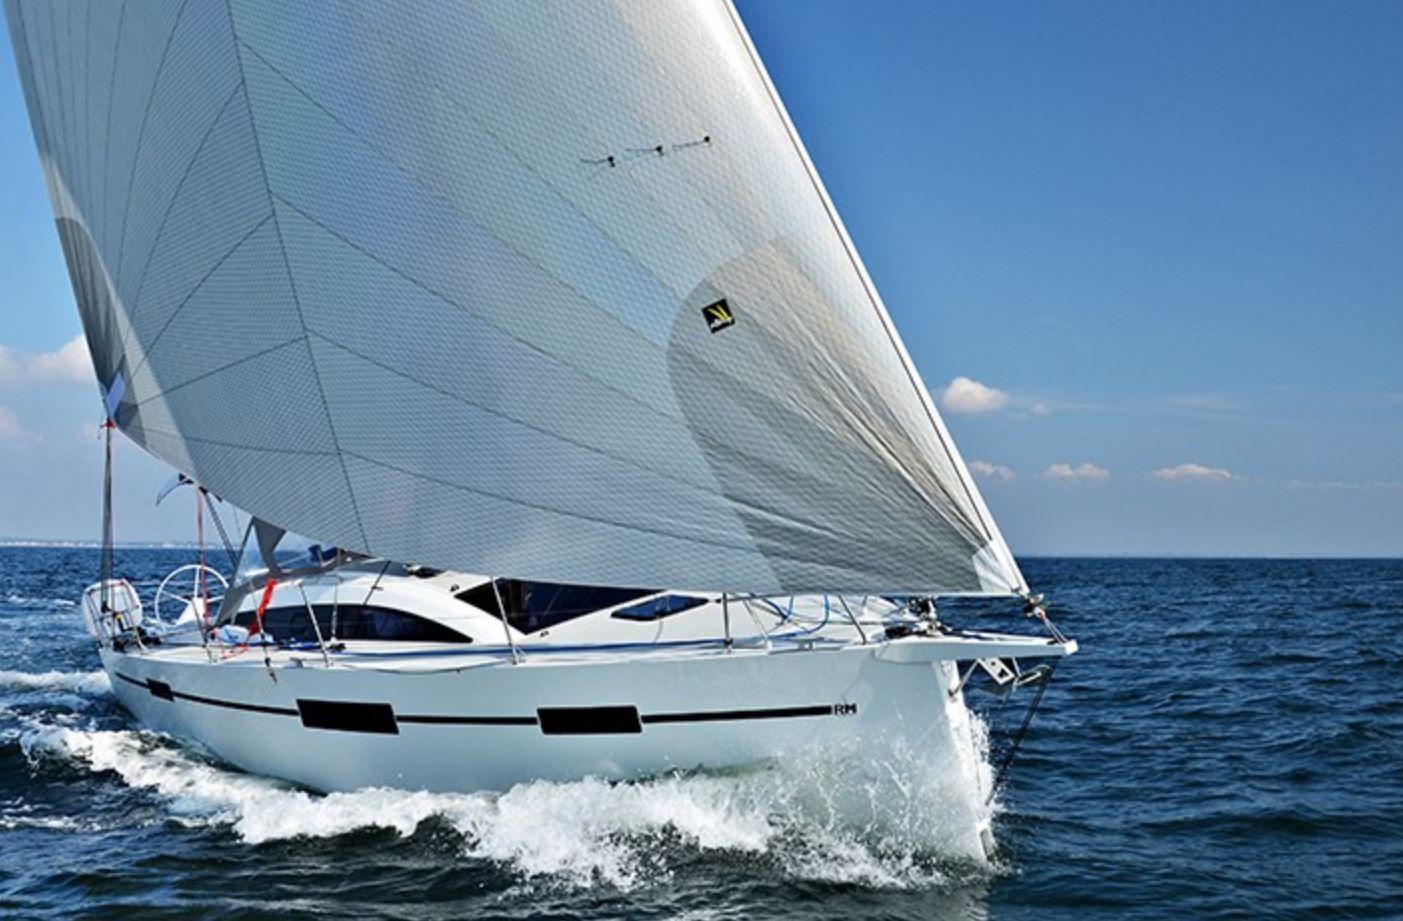 Le chantier Fora Marine RM Yachts repris par le groupe Grand Large Yachting